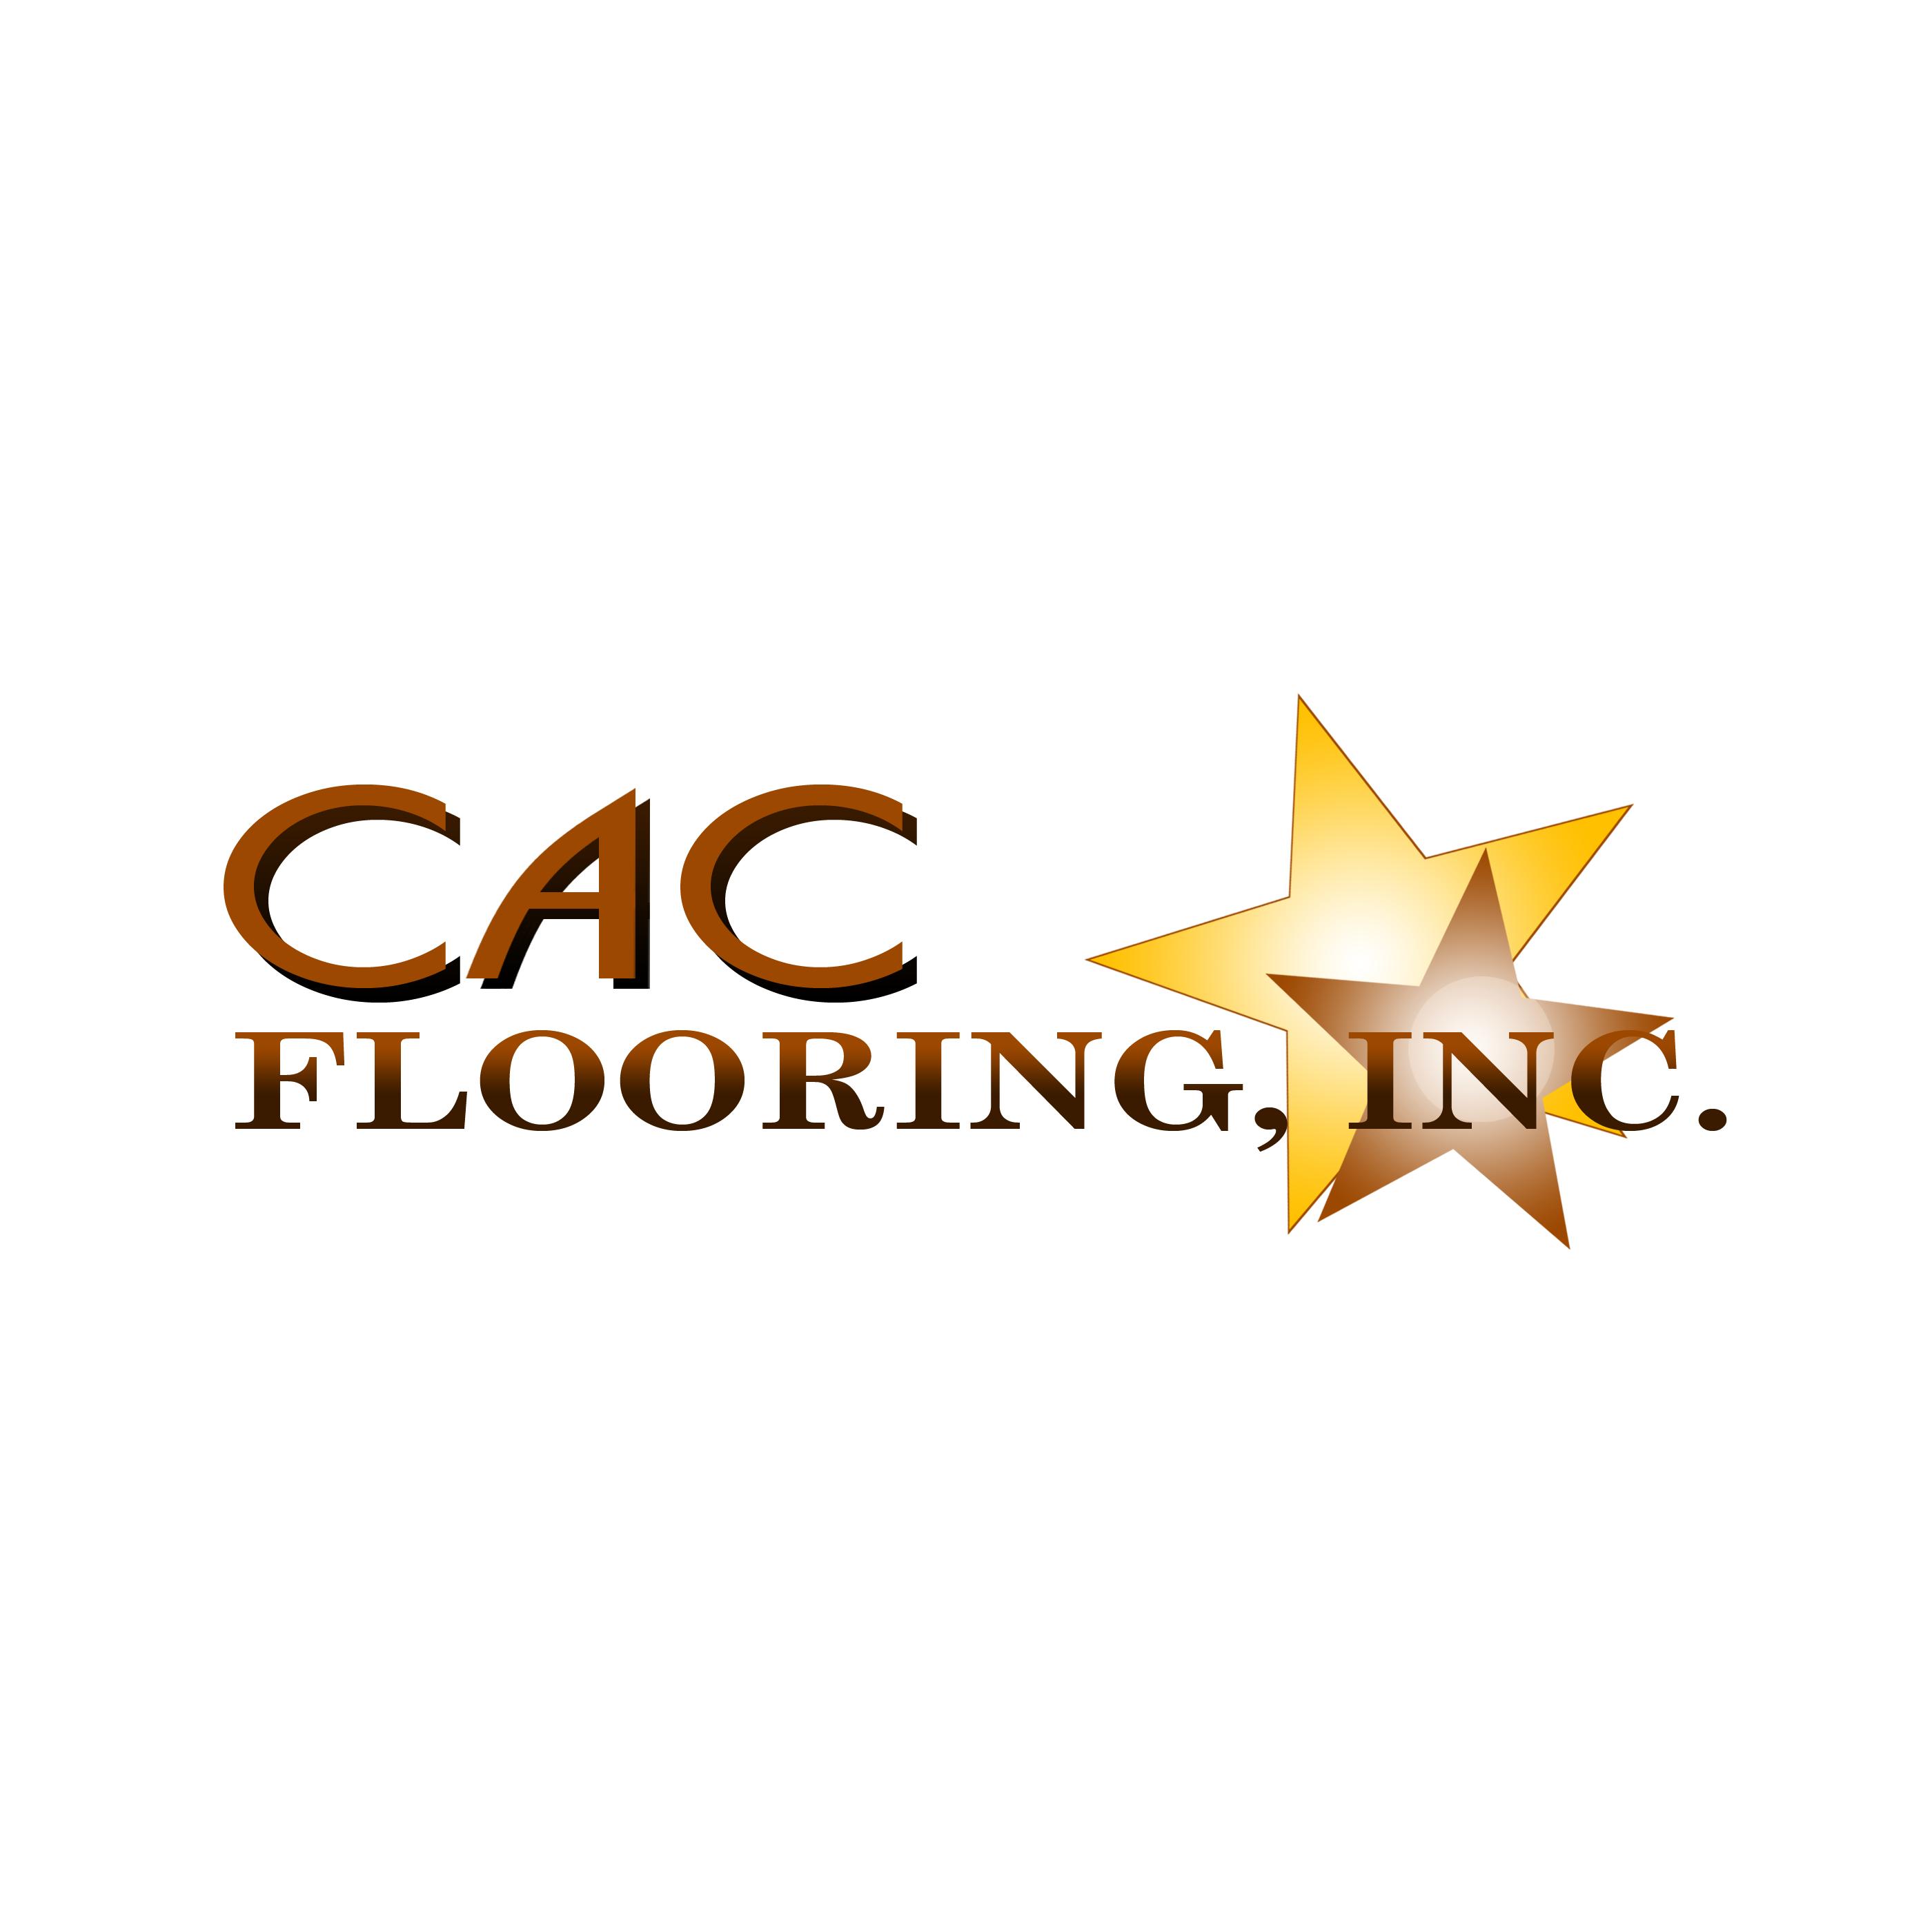 C.A.C. Flooring Inc image 4